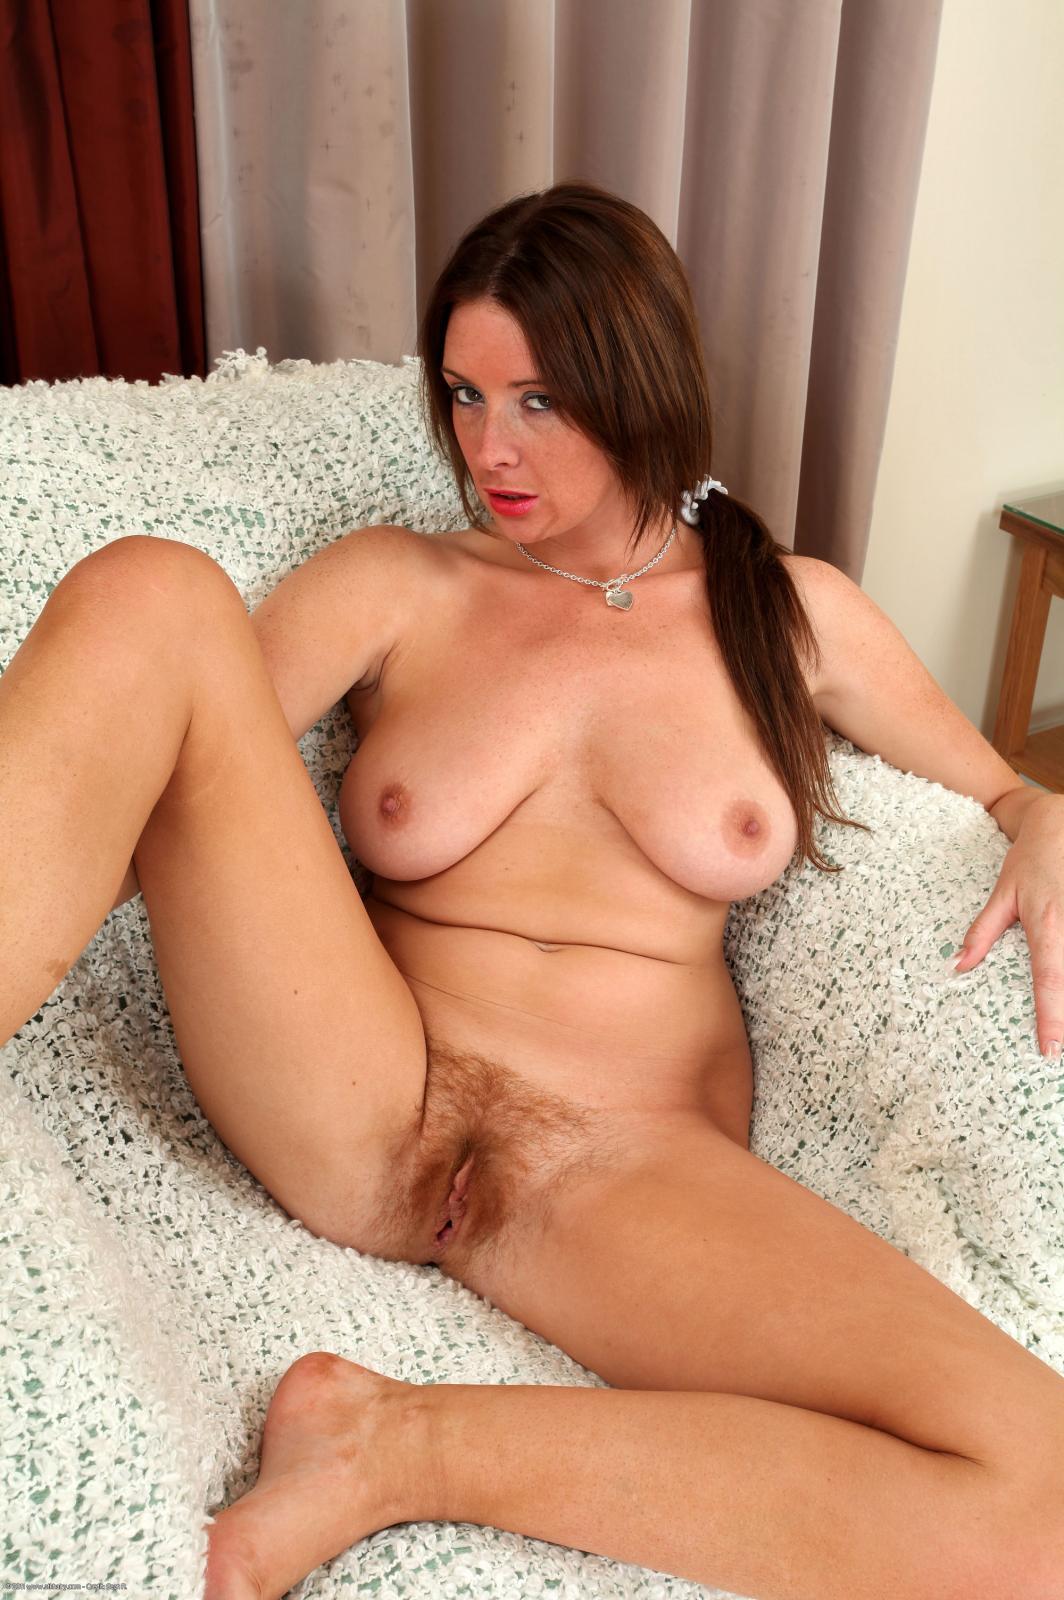 Indian Girls Sex 3Gp Mms Video  Hot Girl Hd Wallpaper-1243